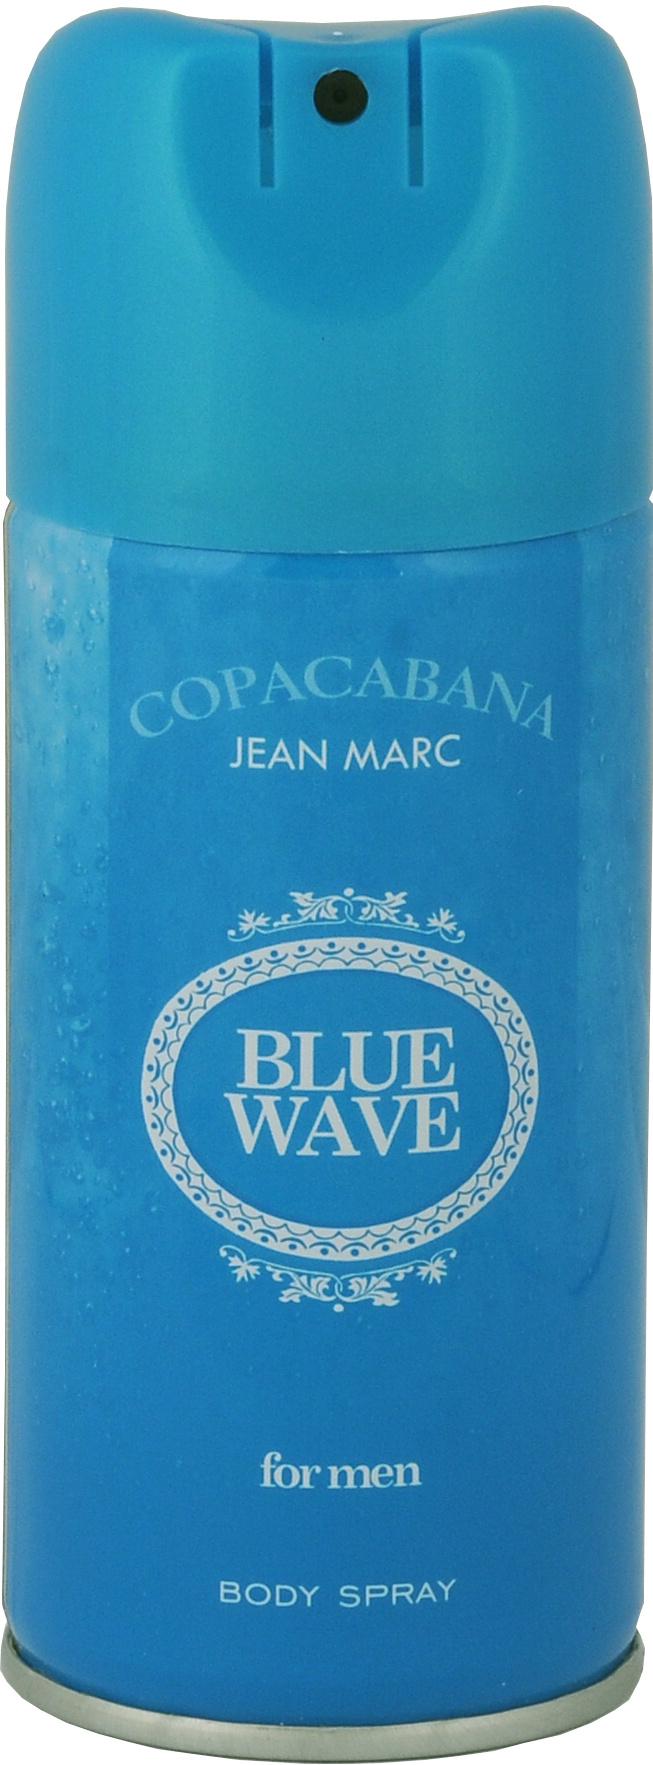 JEAN MARC Blue Wave deo sprej pro muže 150ml